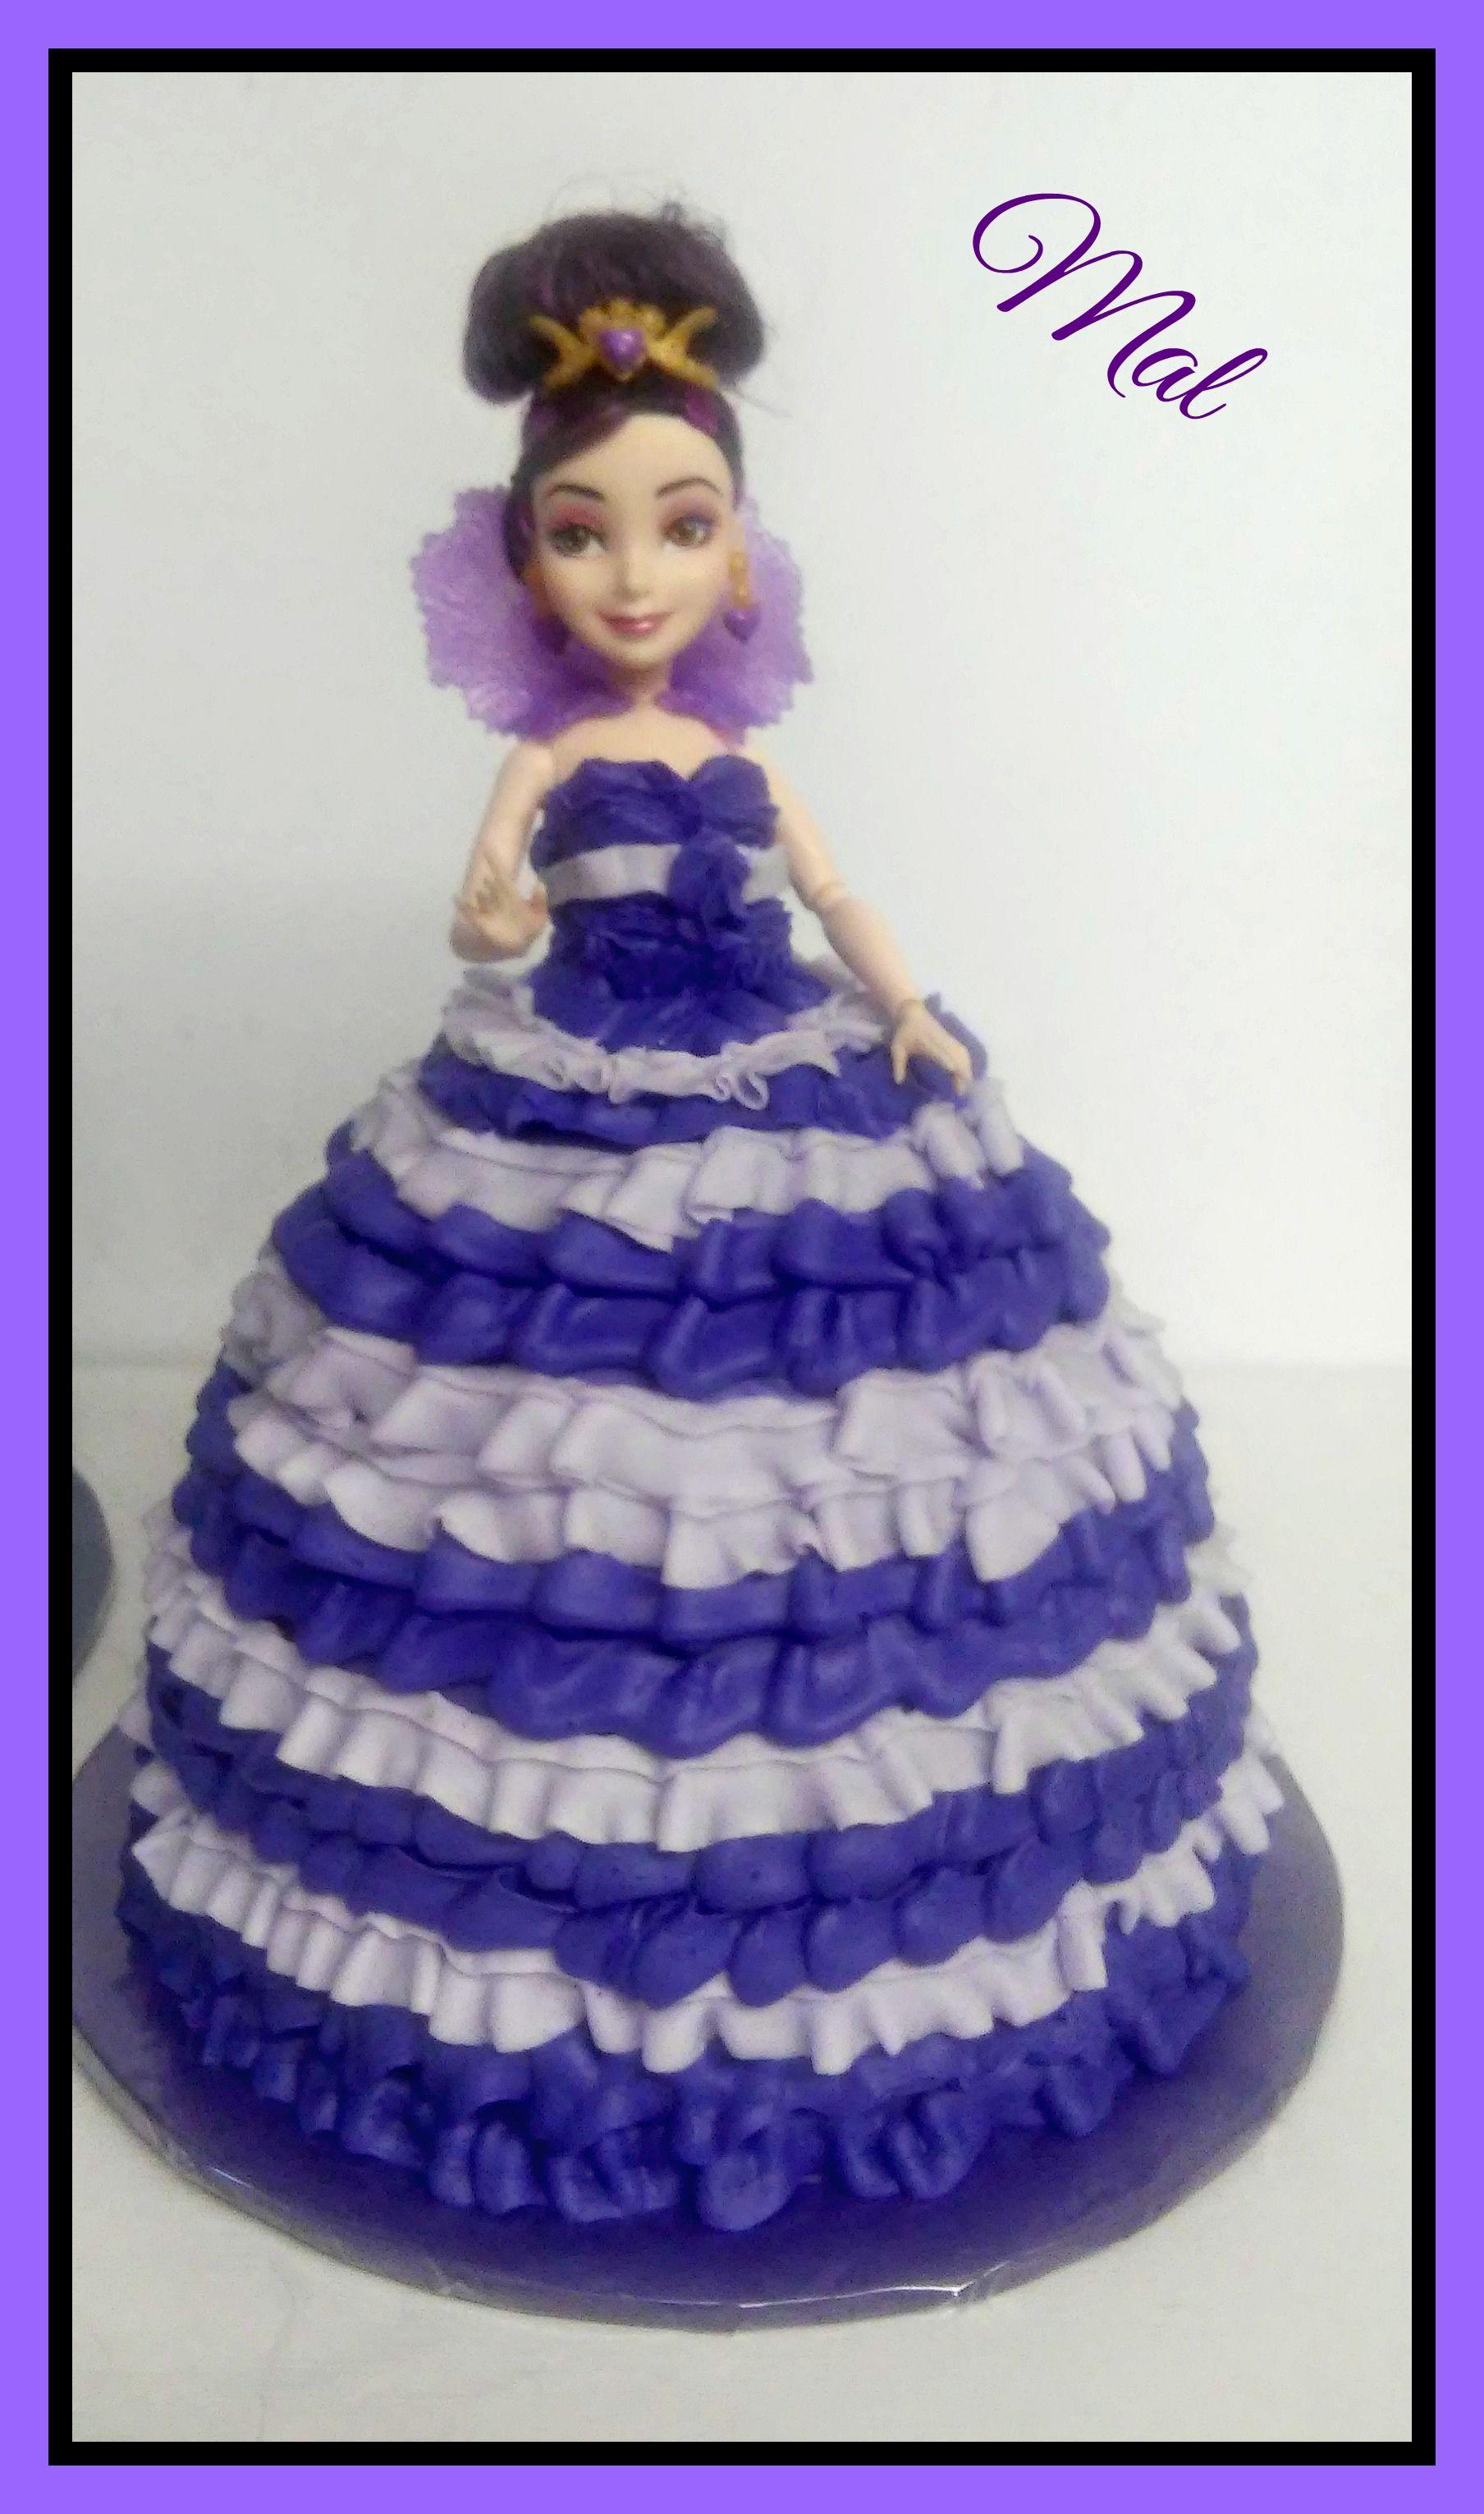 Mal Descendant doll cake Girly Girl Cakes Pinterest Cake